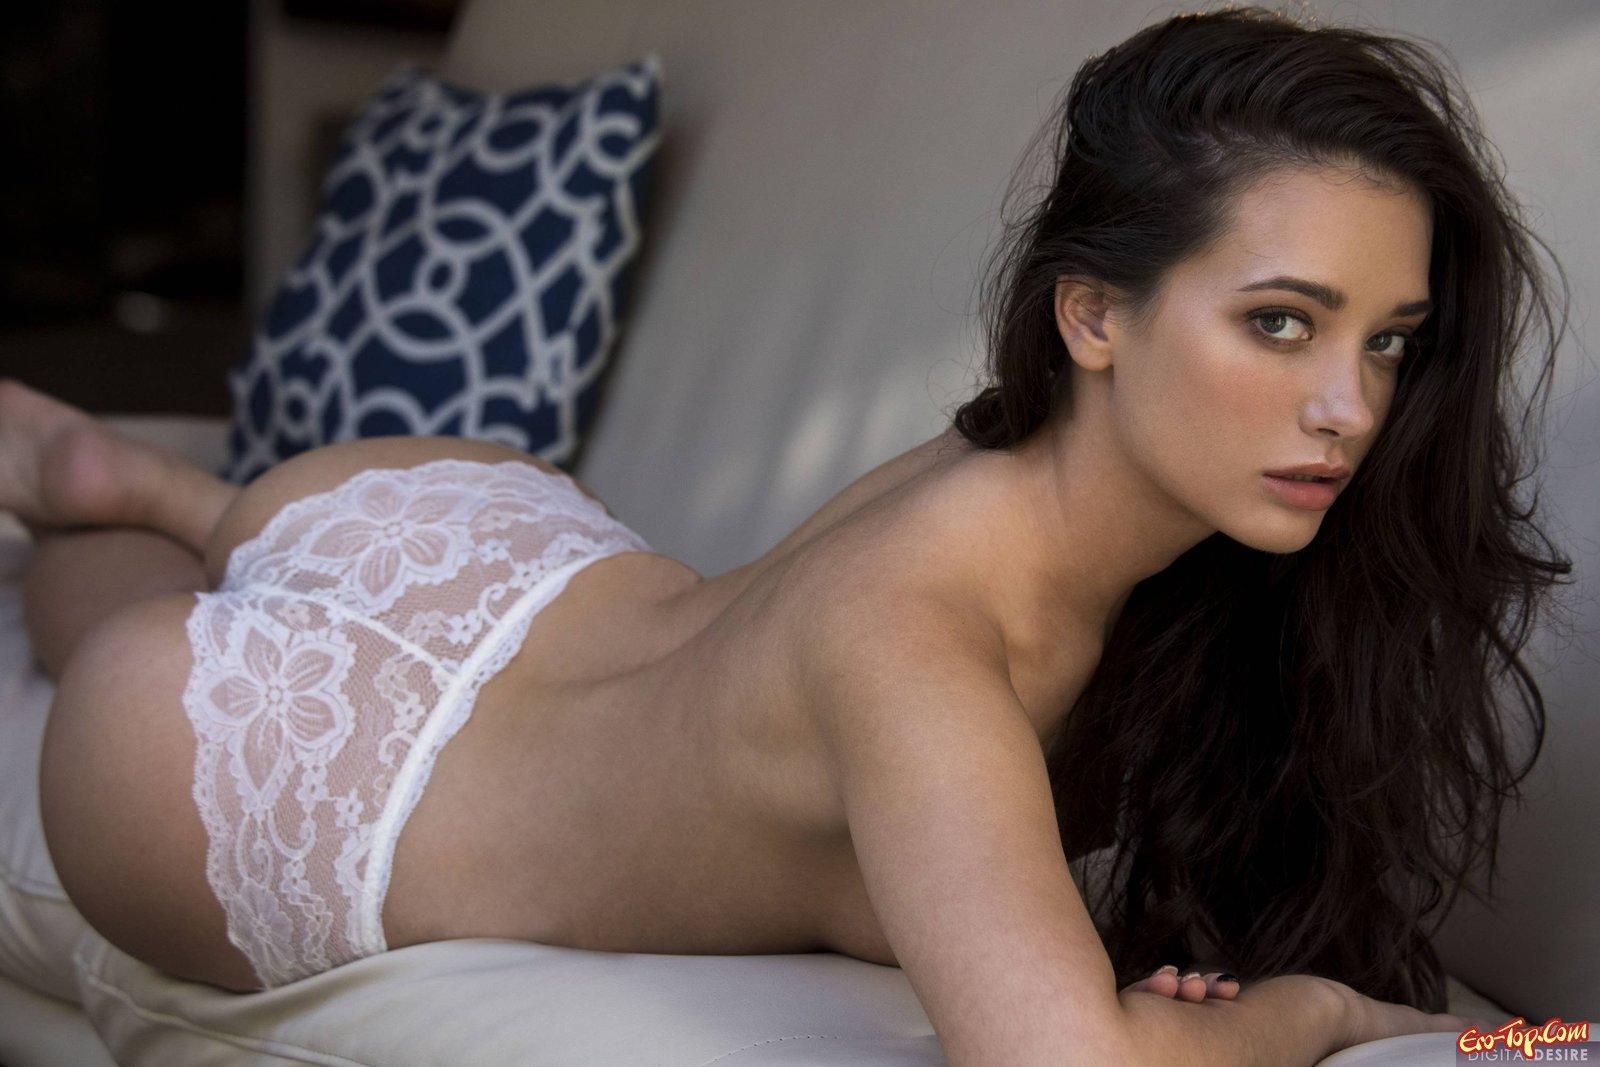 Милая красоточка в кружевном белье выставила напоказ вагину смотреть эротику